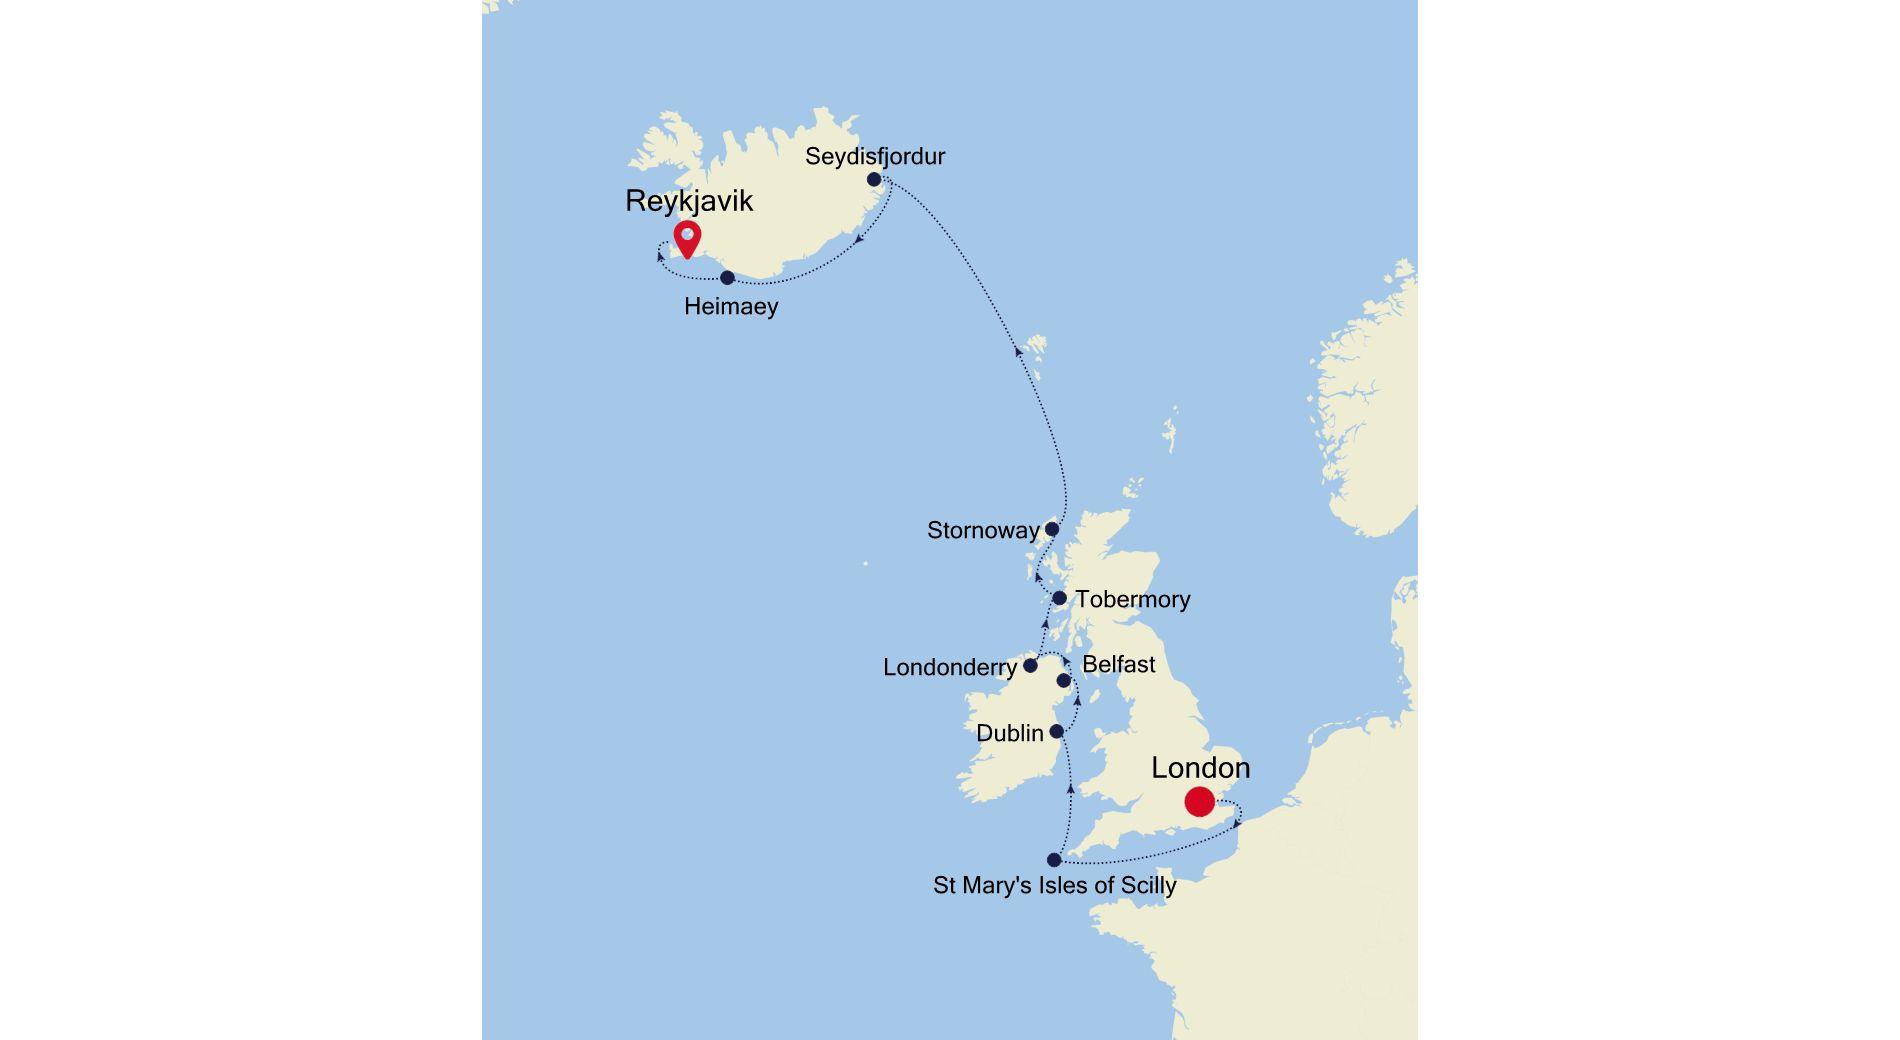 2924 - London à Reykjavik